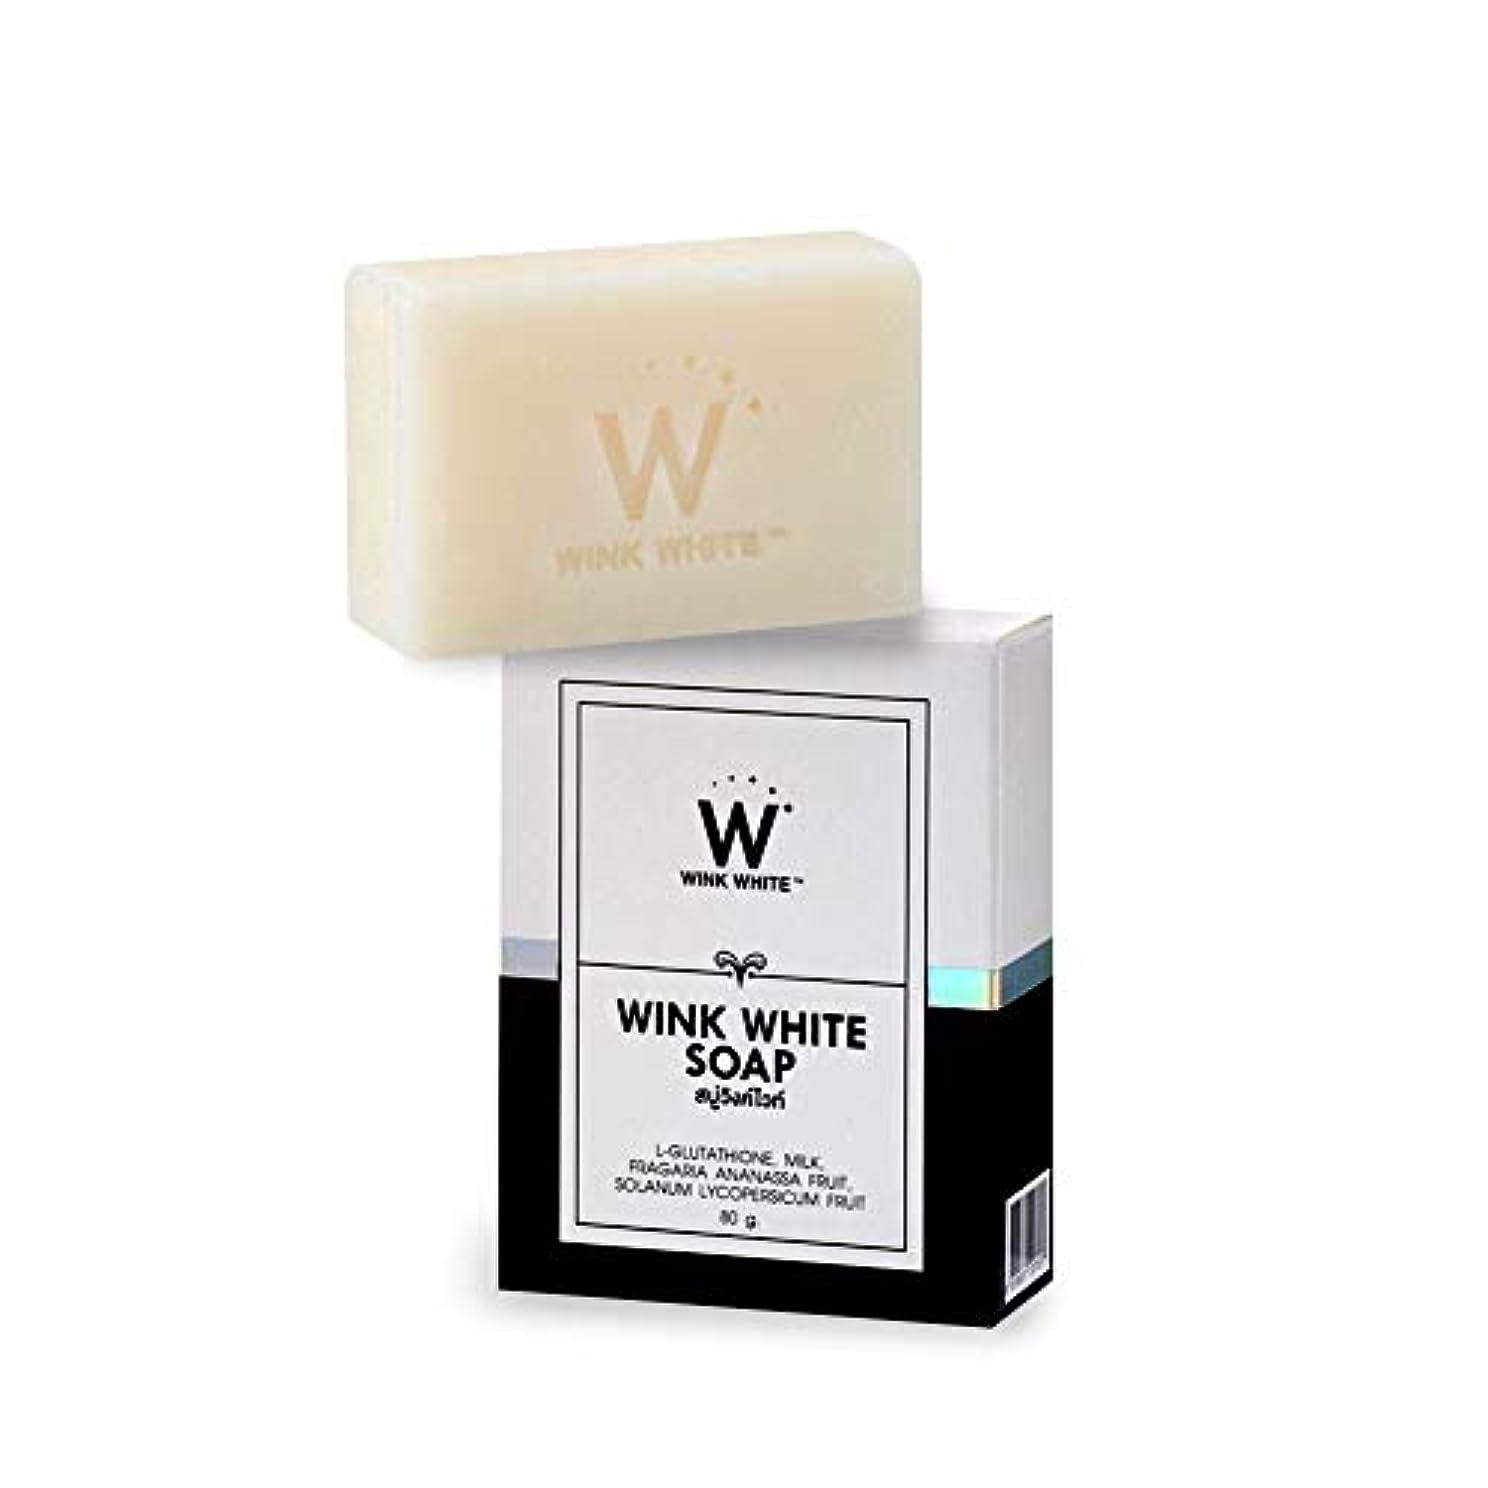 粘土インサート犯すMangos Teen White Soap Base Wink White Soap Gluta Pure Skin Body Whitening Strawberry for Whitening Skin All Natural...